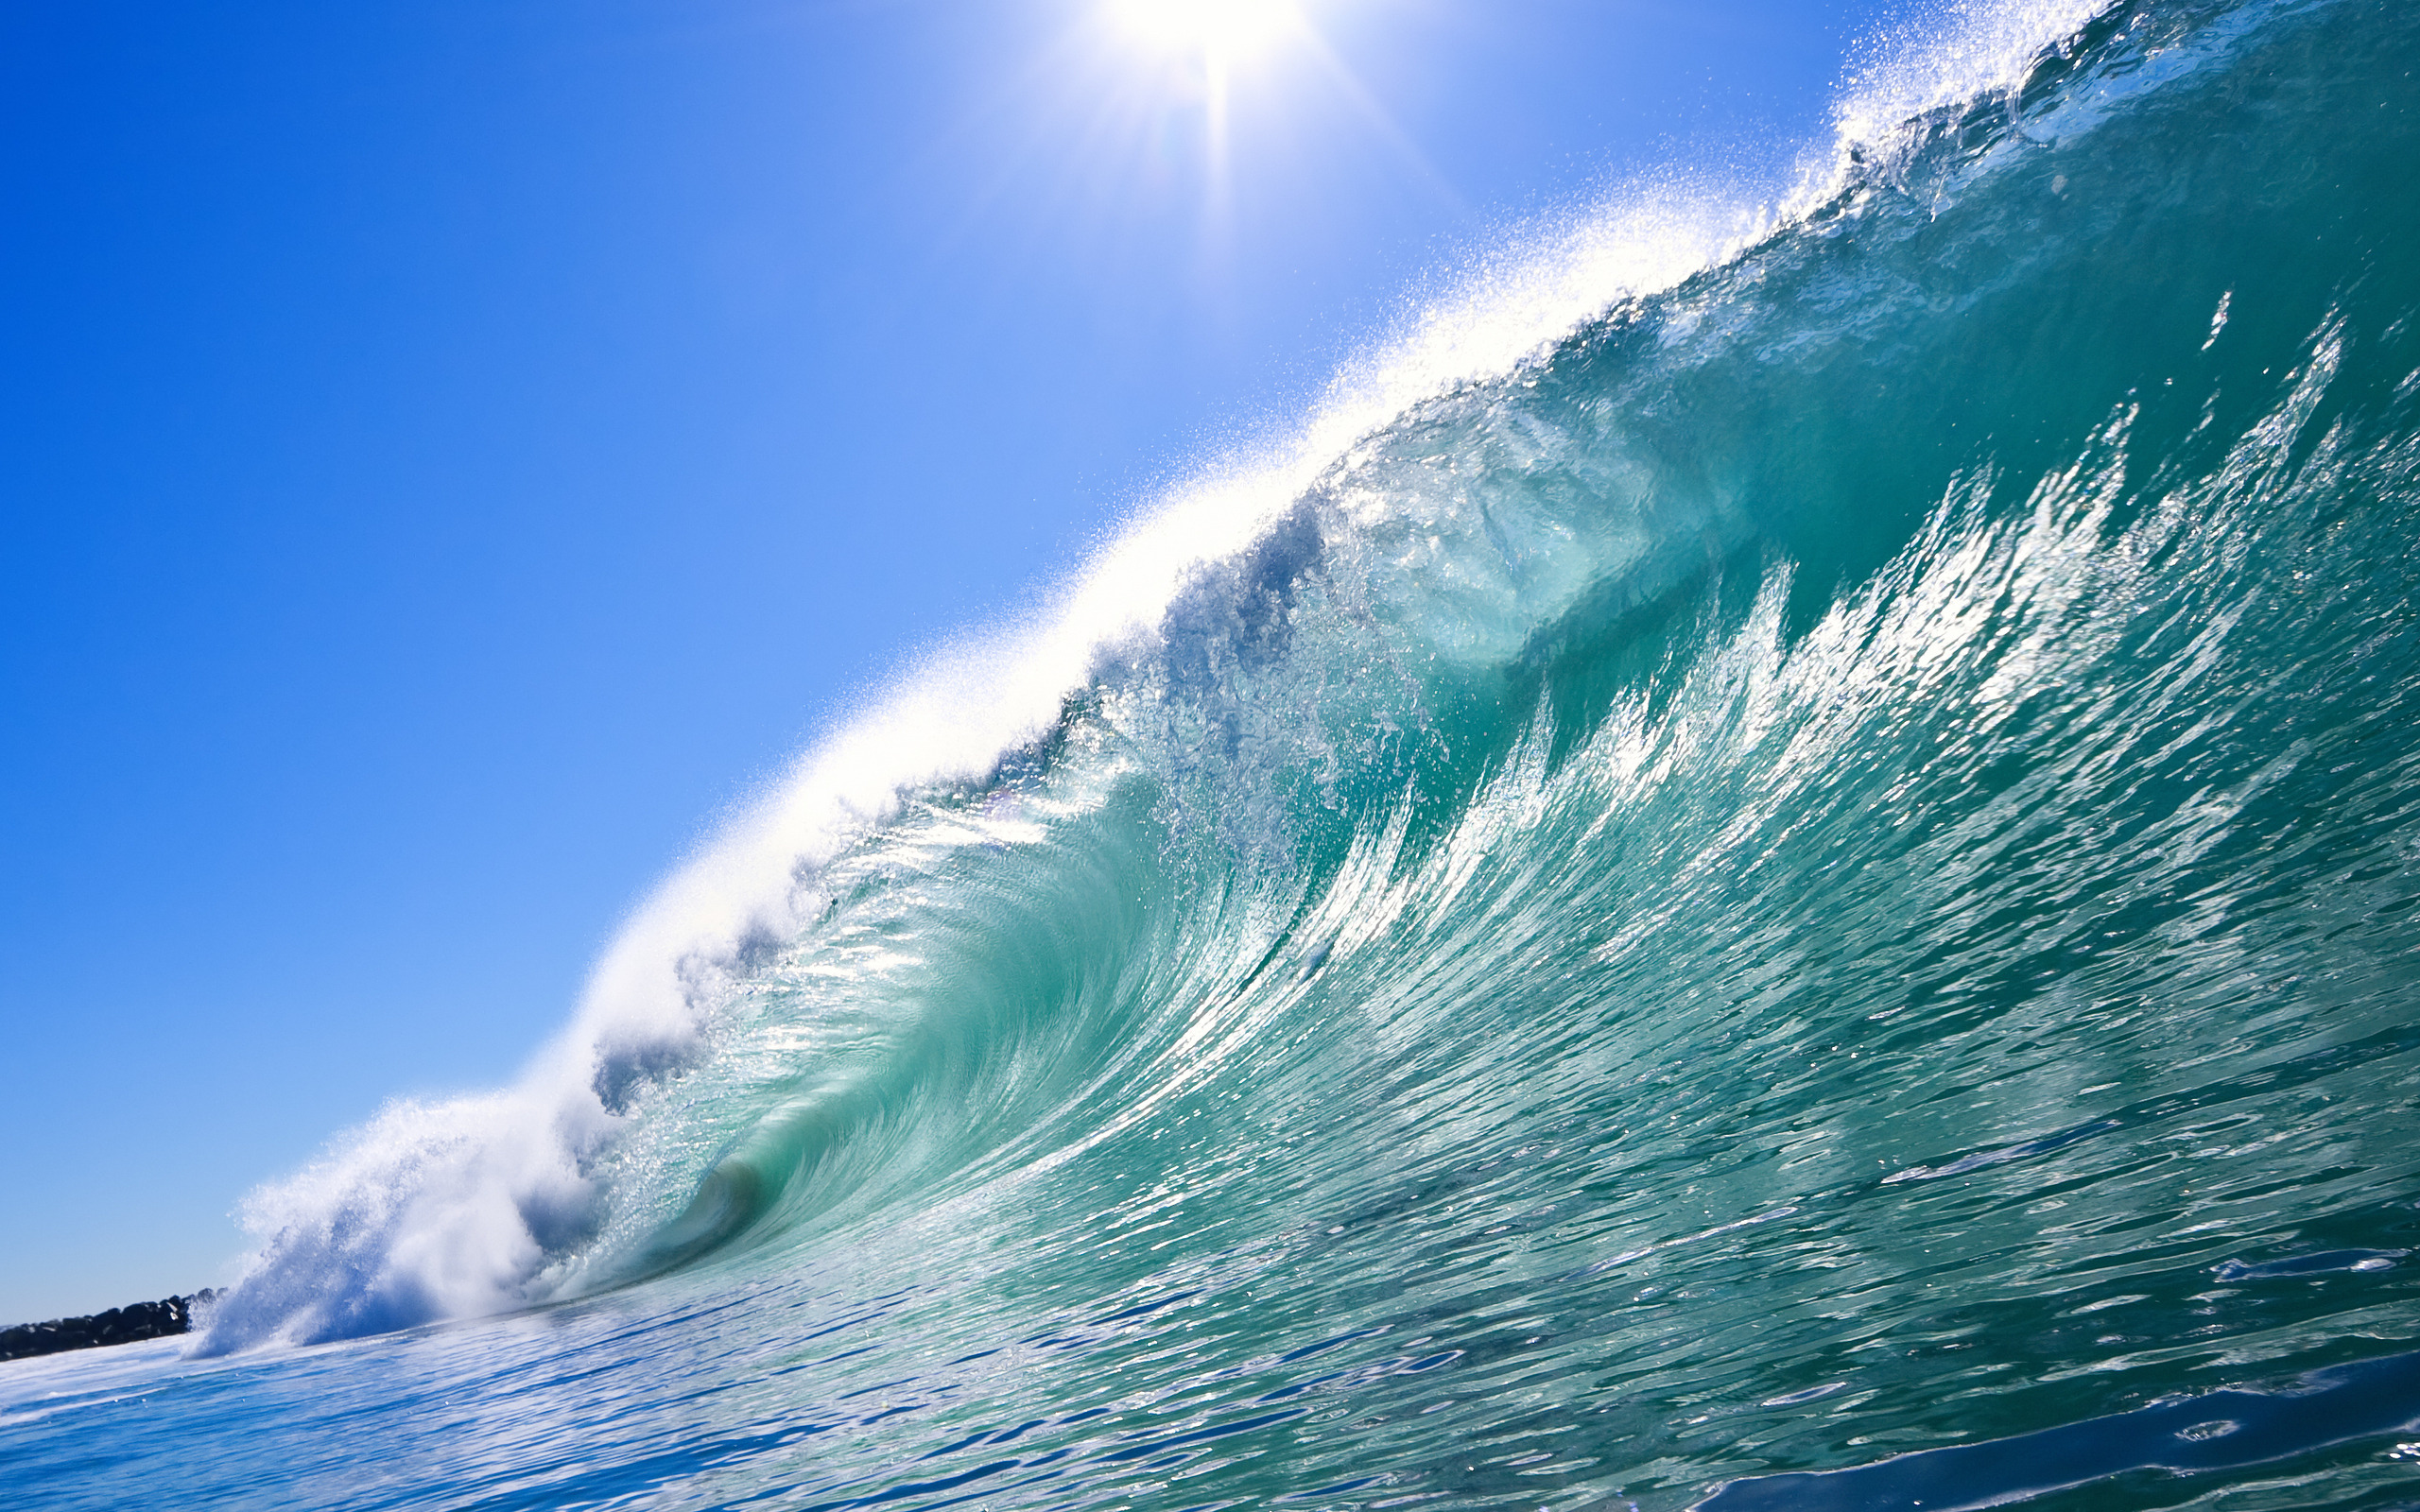 природа море волна вода  № 1195703 бесплатно